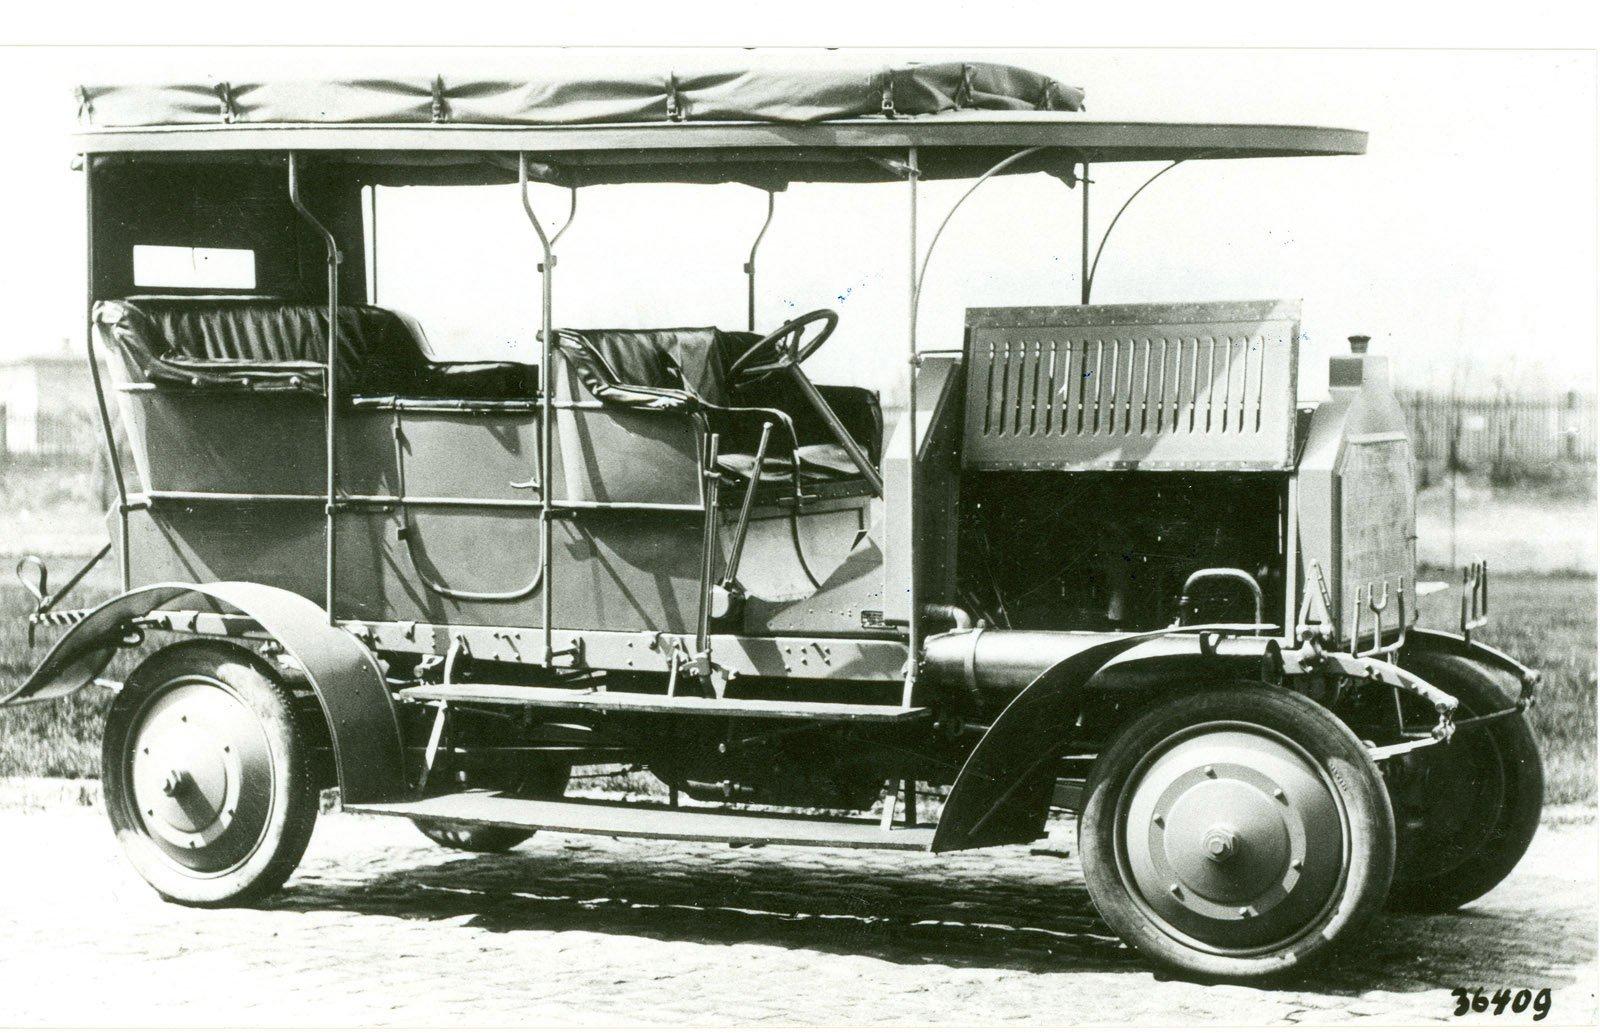 Världens första fyrhjulsdrivna bil – Dernburg-Wagen 1907.